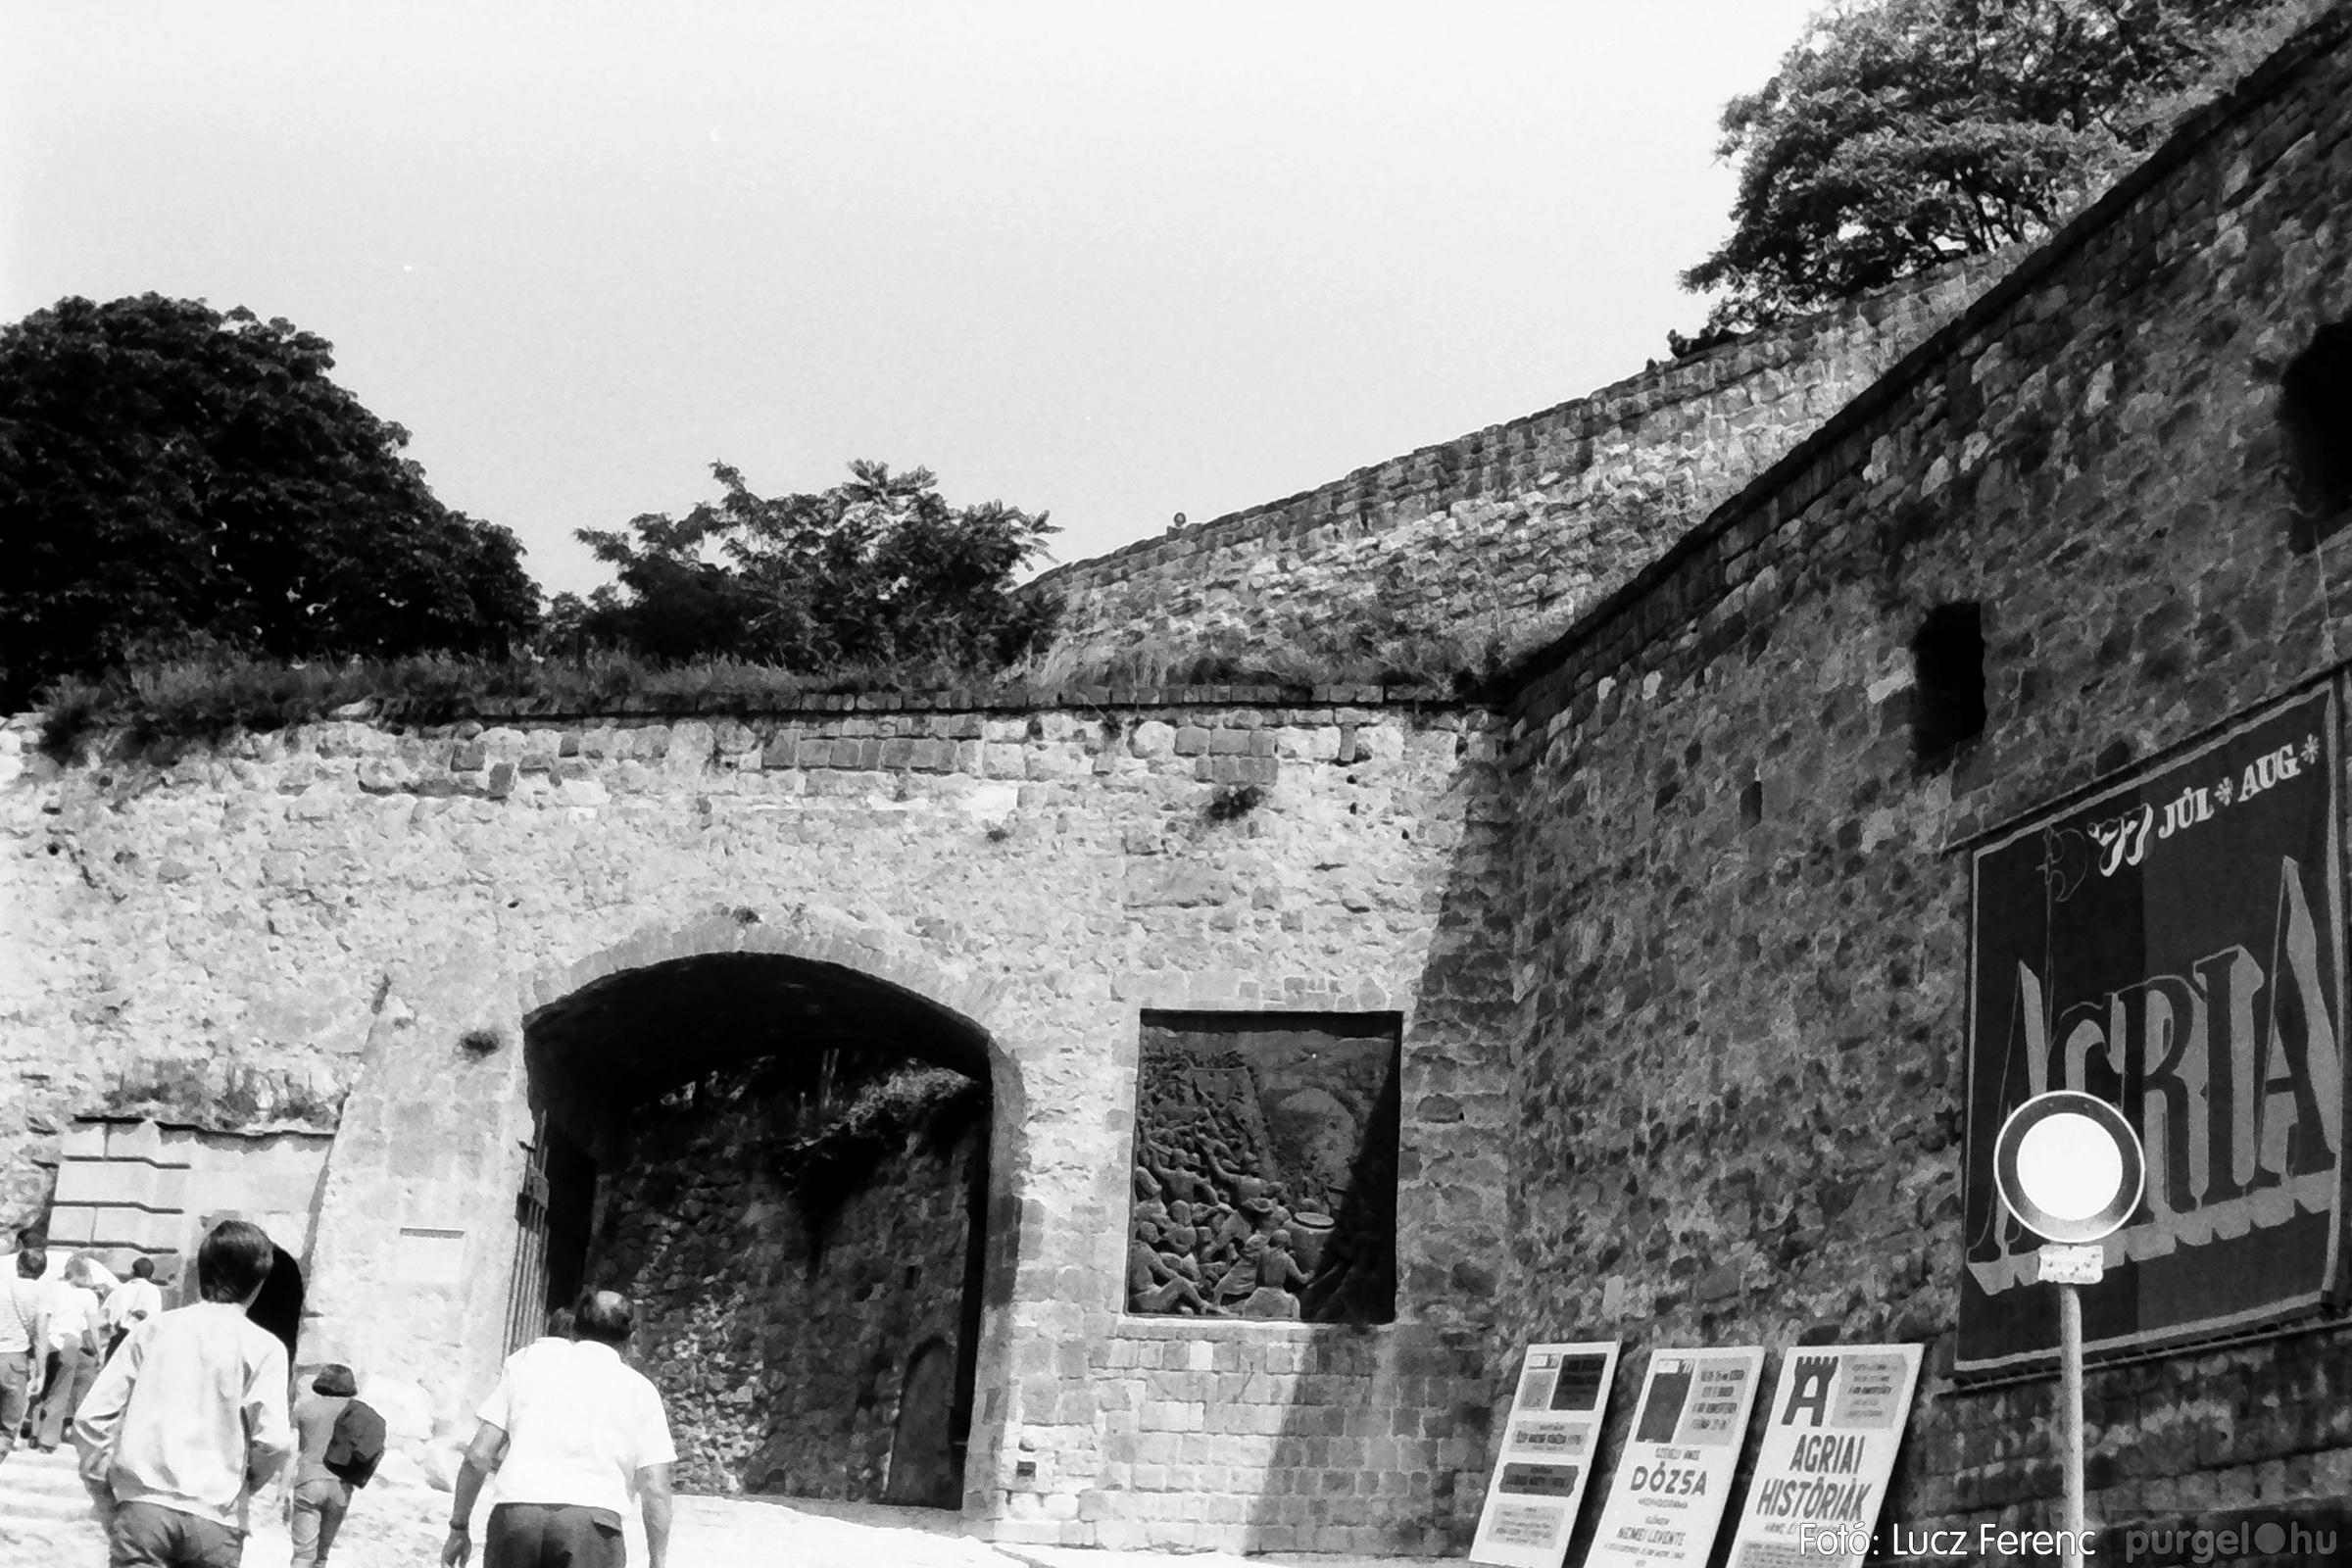 086, 088. 1977. Nyári tábor a Mátrában 018. - Fotó: Lucz Ferenc.jpg